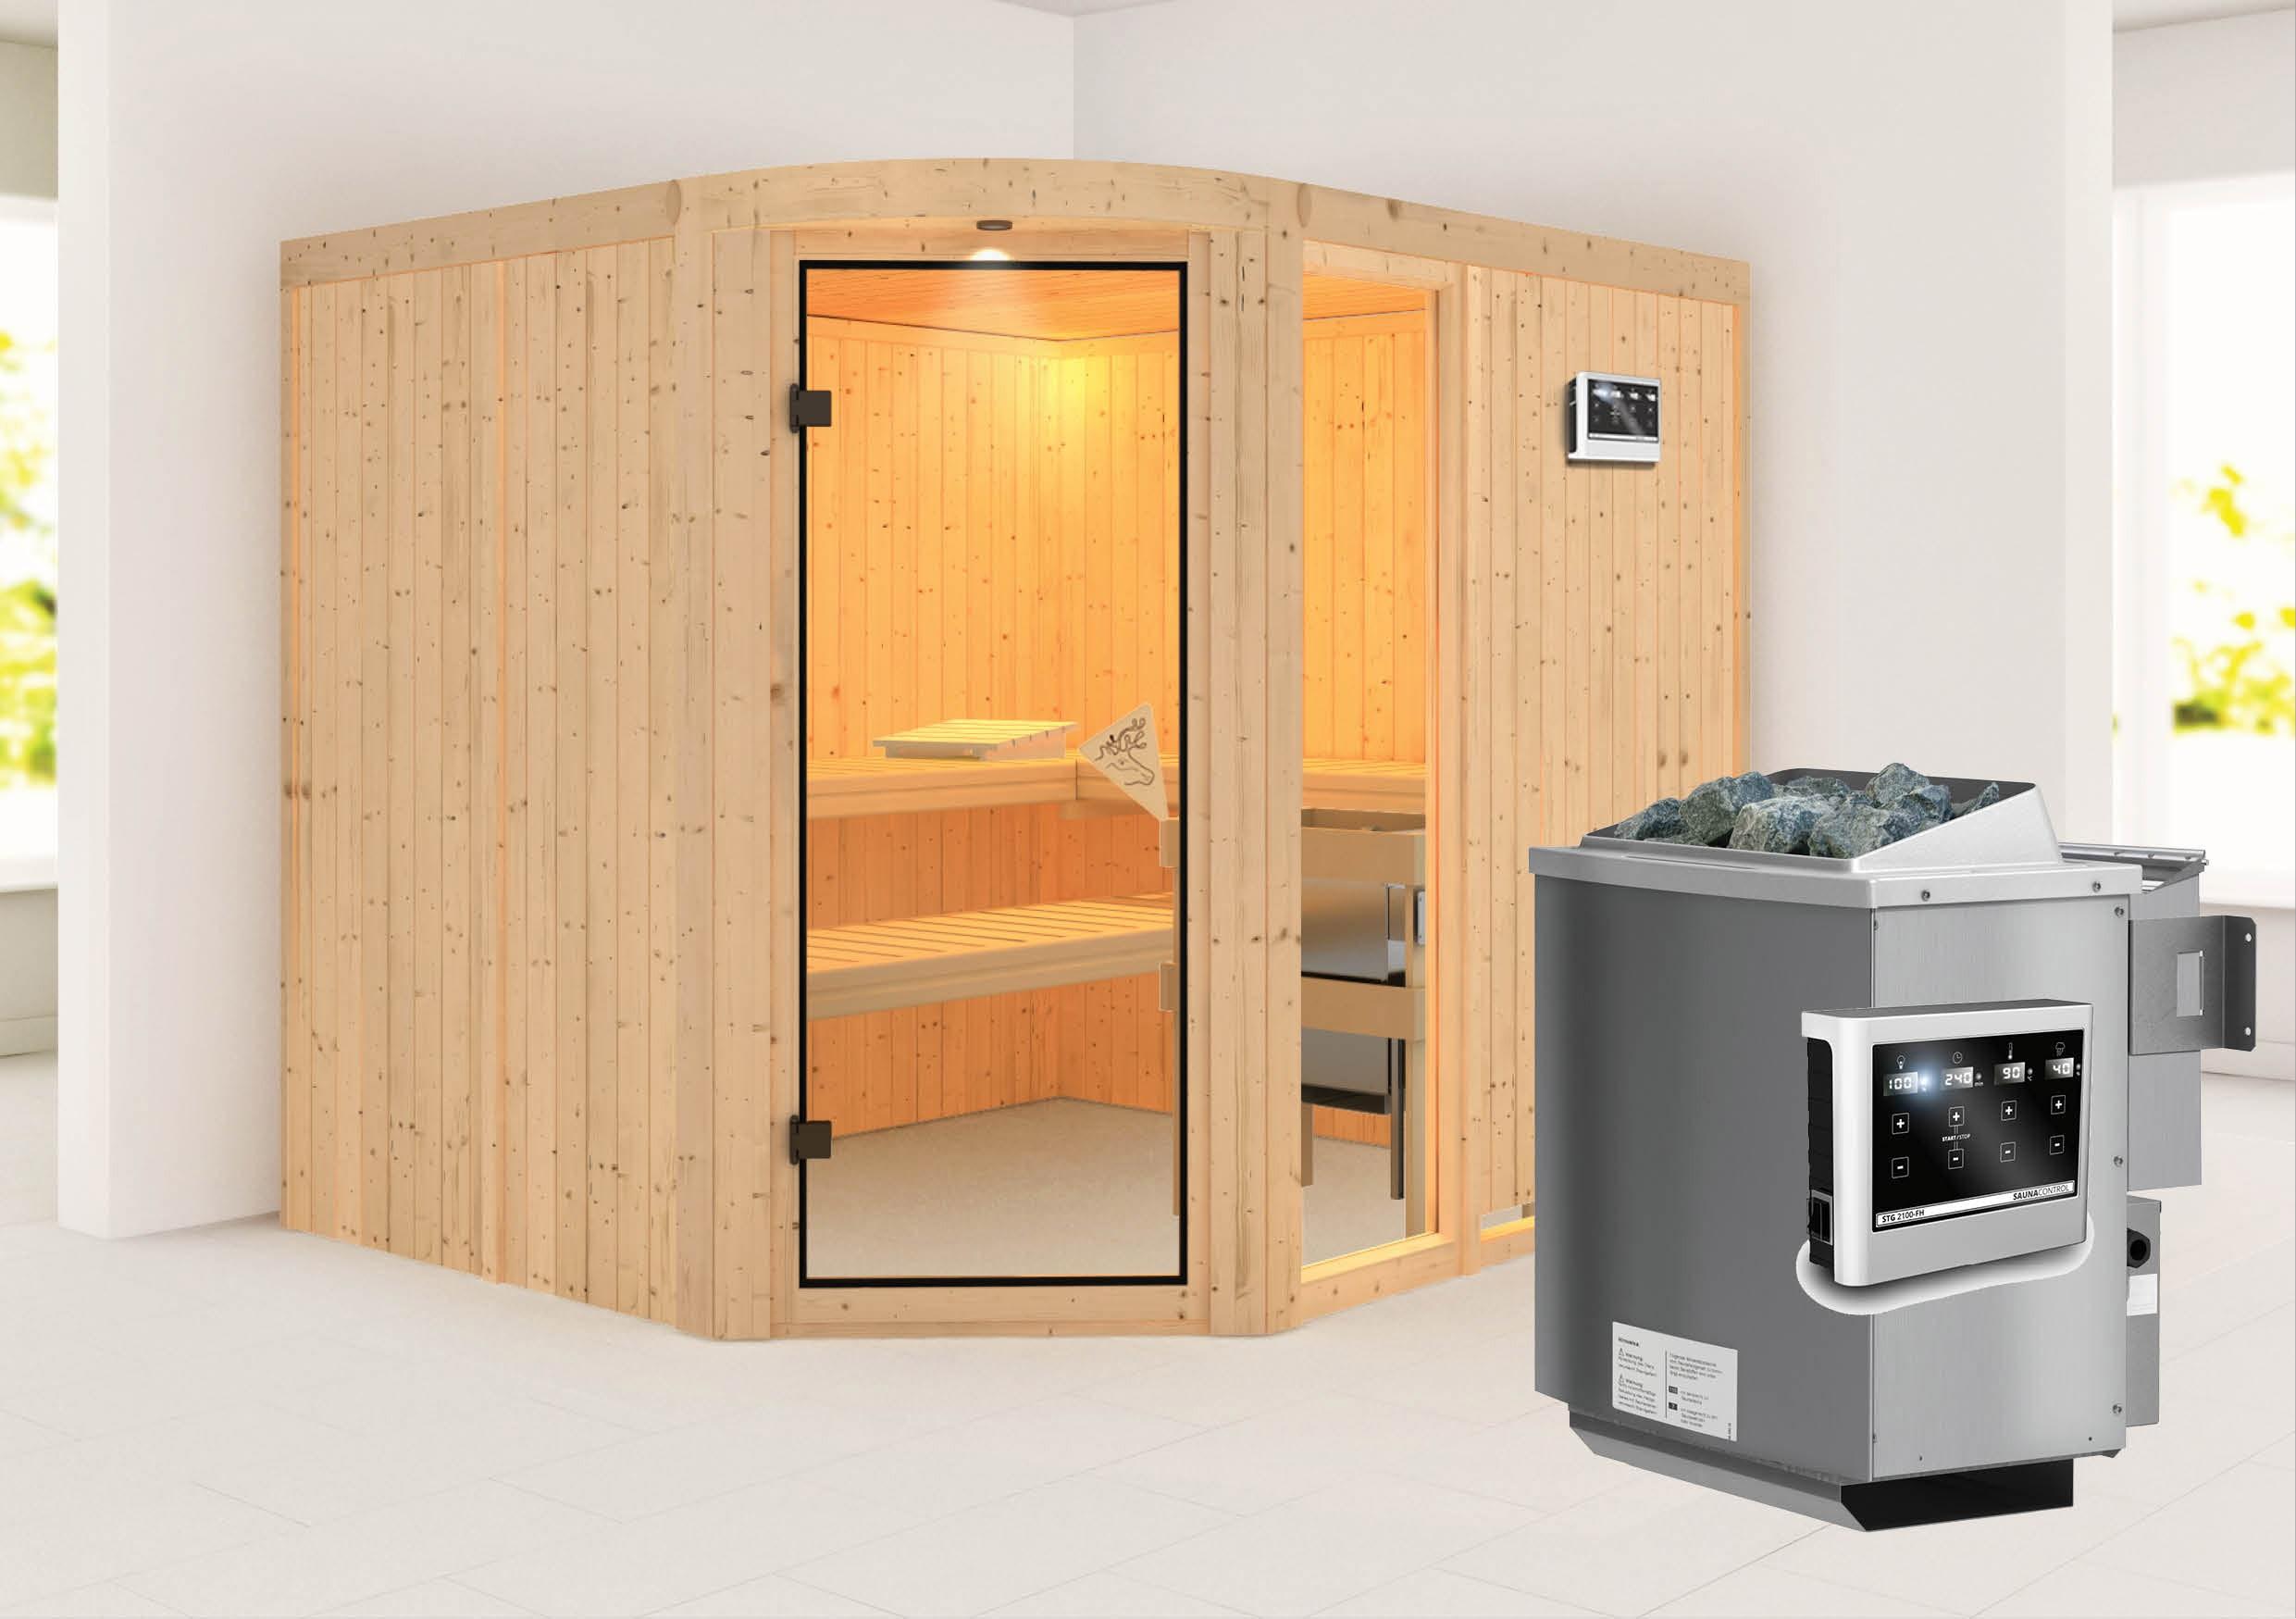 Karibu Sauna Lakura 68mm mit Bio Ofen 9kW extern classic Tür Bild 1